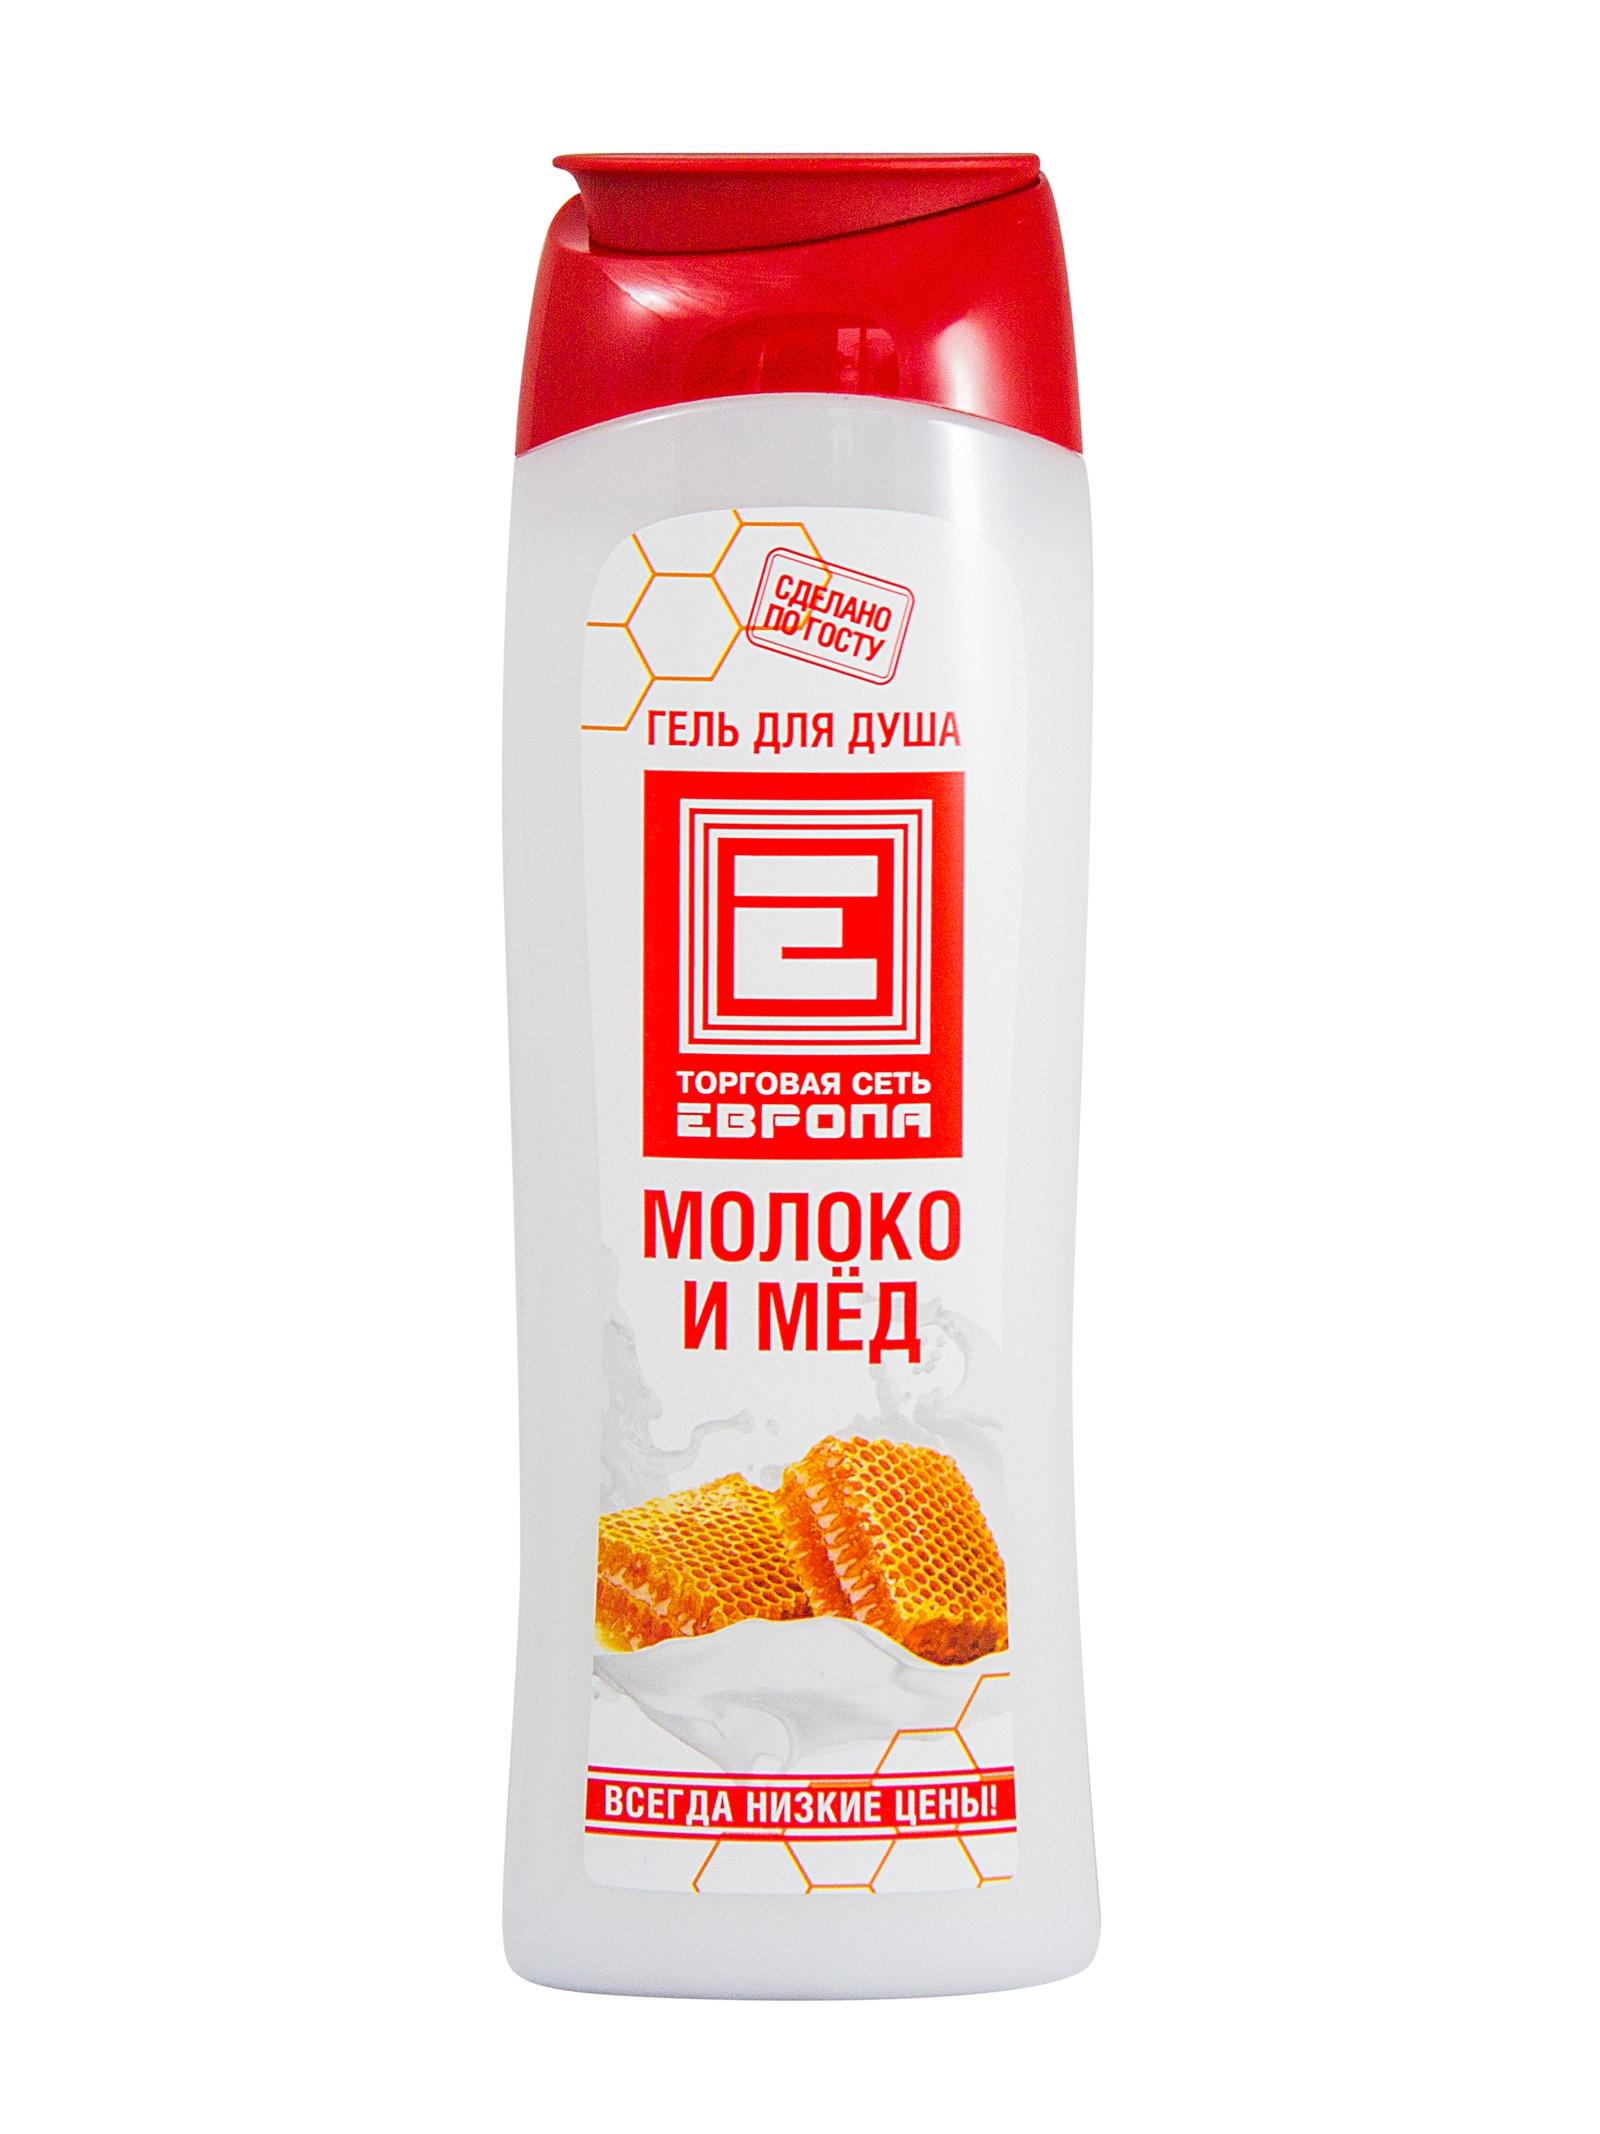 Гель для душа ЕВРОПА Молоко и мёд 250мл. 825614 дешевые авиабилеты европа